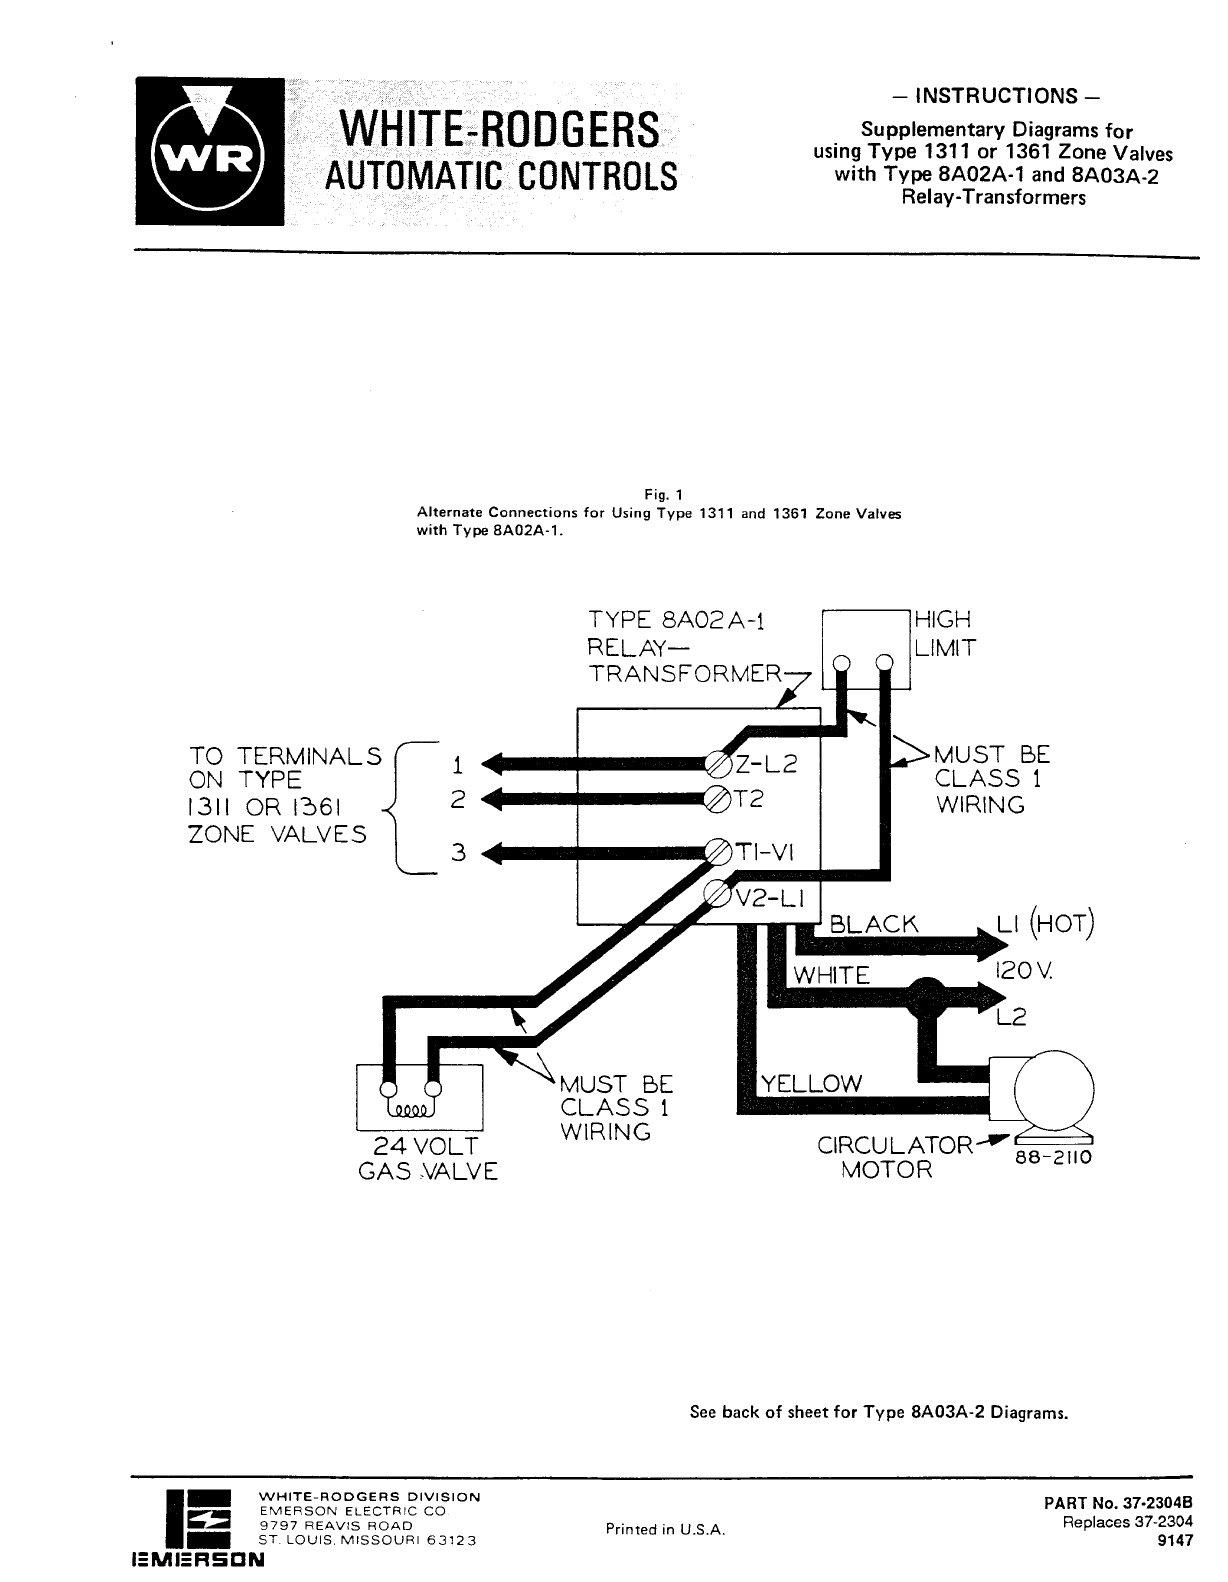 White Rodgers Aquastat Wiring Diagram - Automotive Wiring Diagrams Online |  Bege Wiring Diagram | White Rodgers Aquastat Wiring Diagram |  | Bege Wiring Diagram